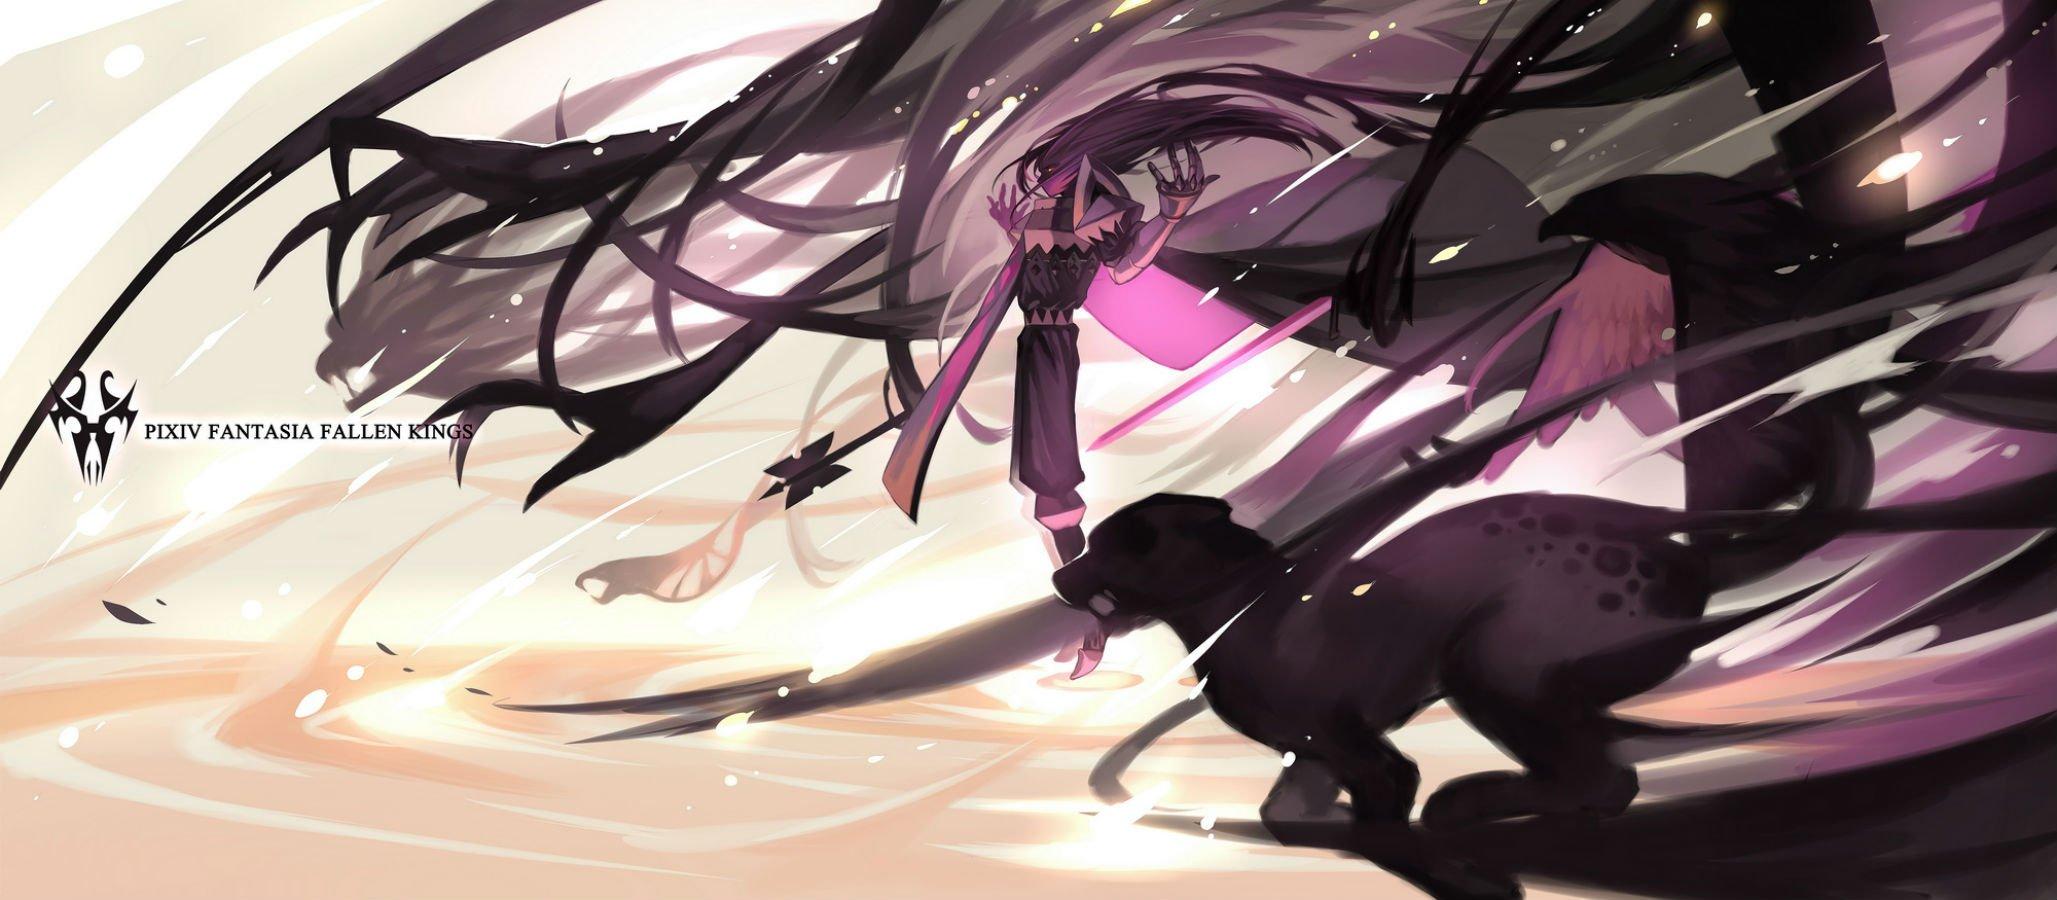 Pixiv Id 3475031 Image #1627528 - Zerochan Anime Image Board